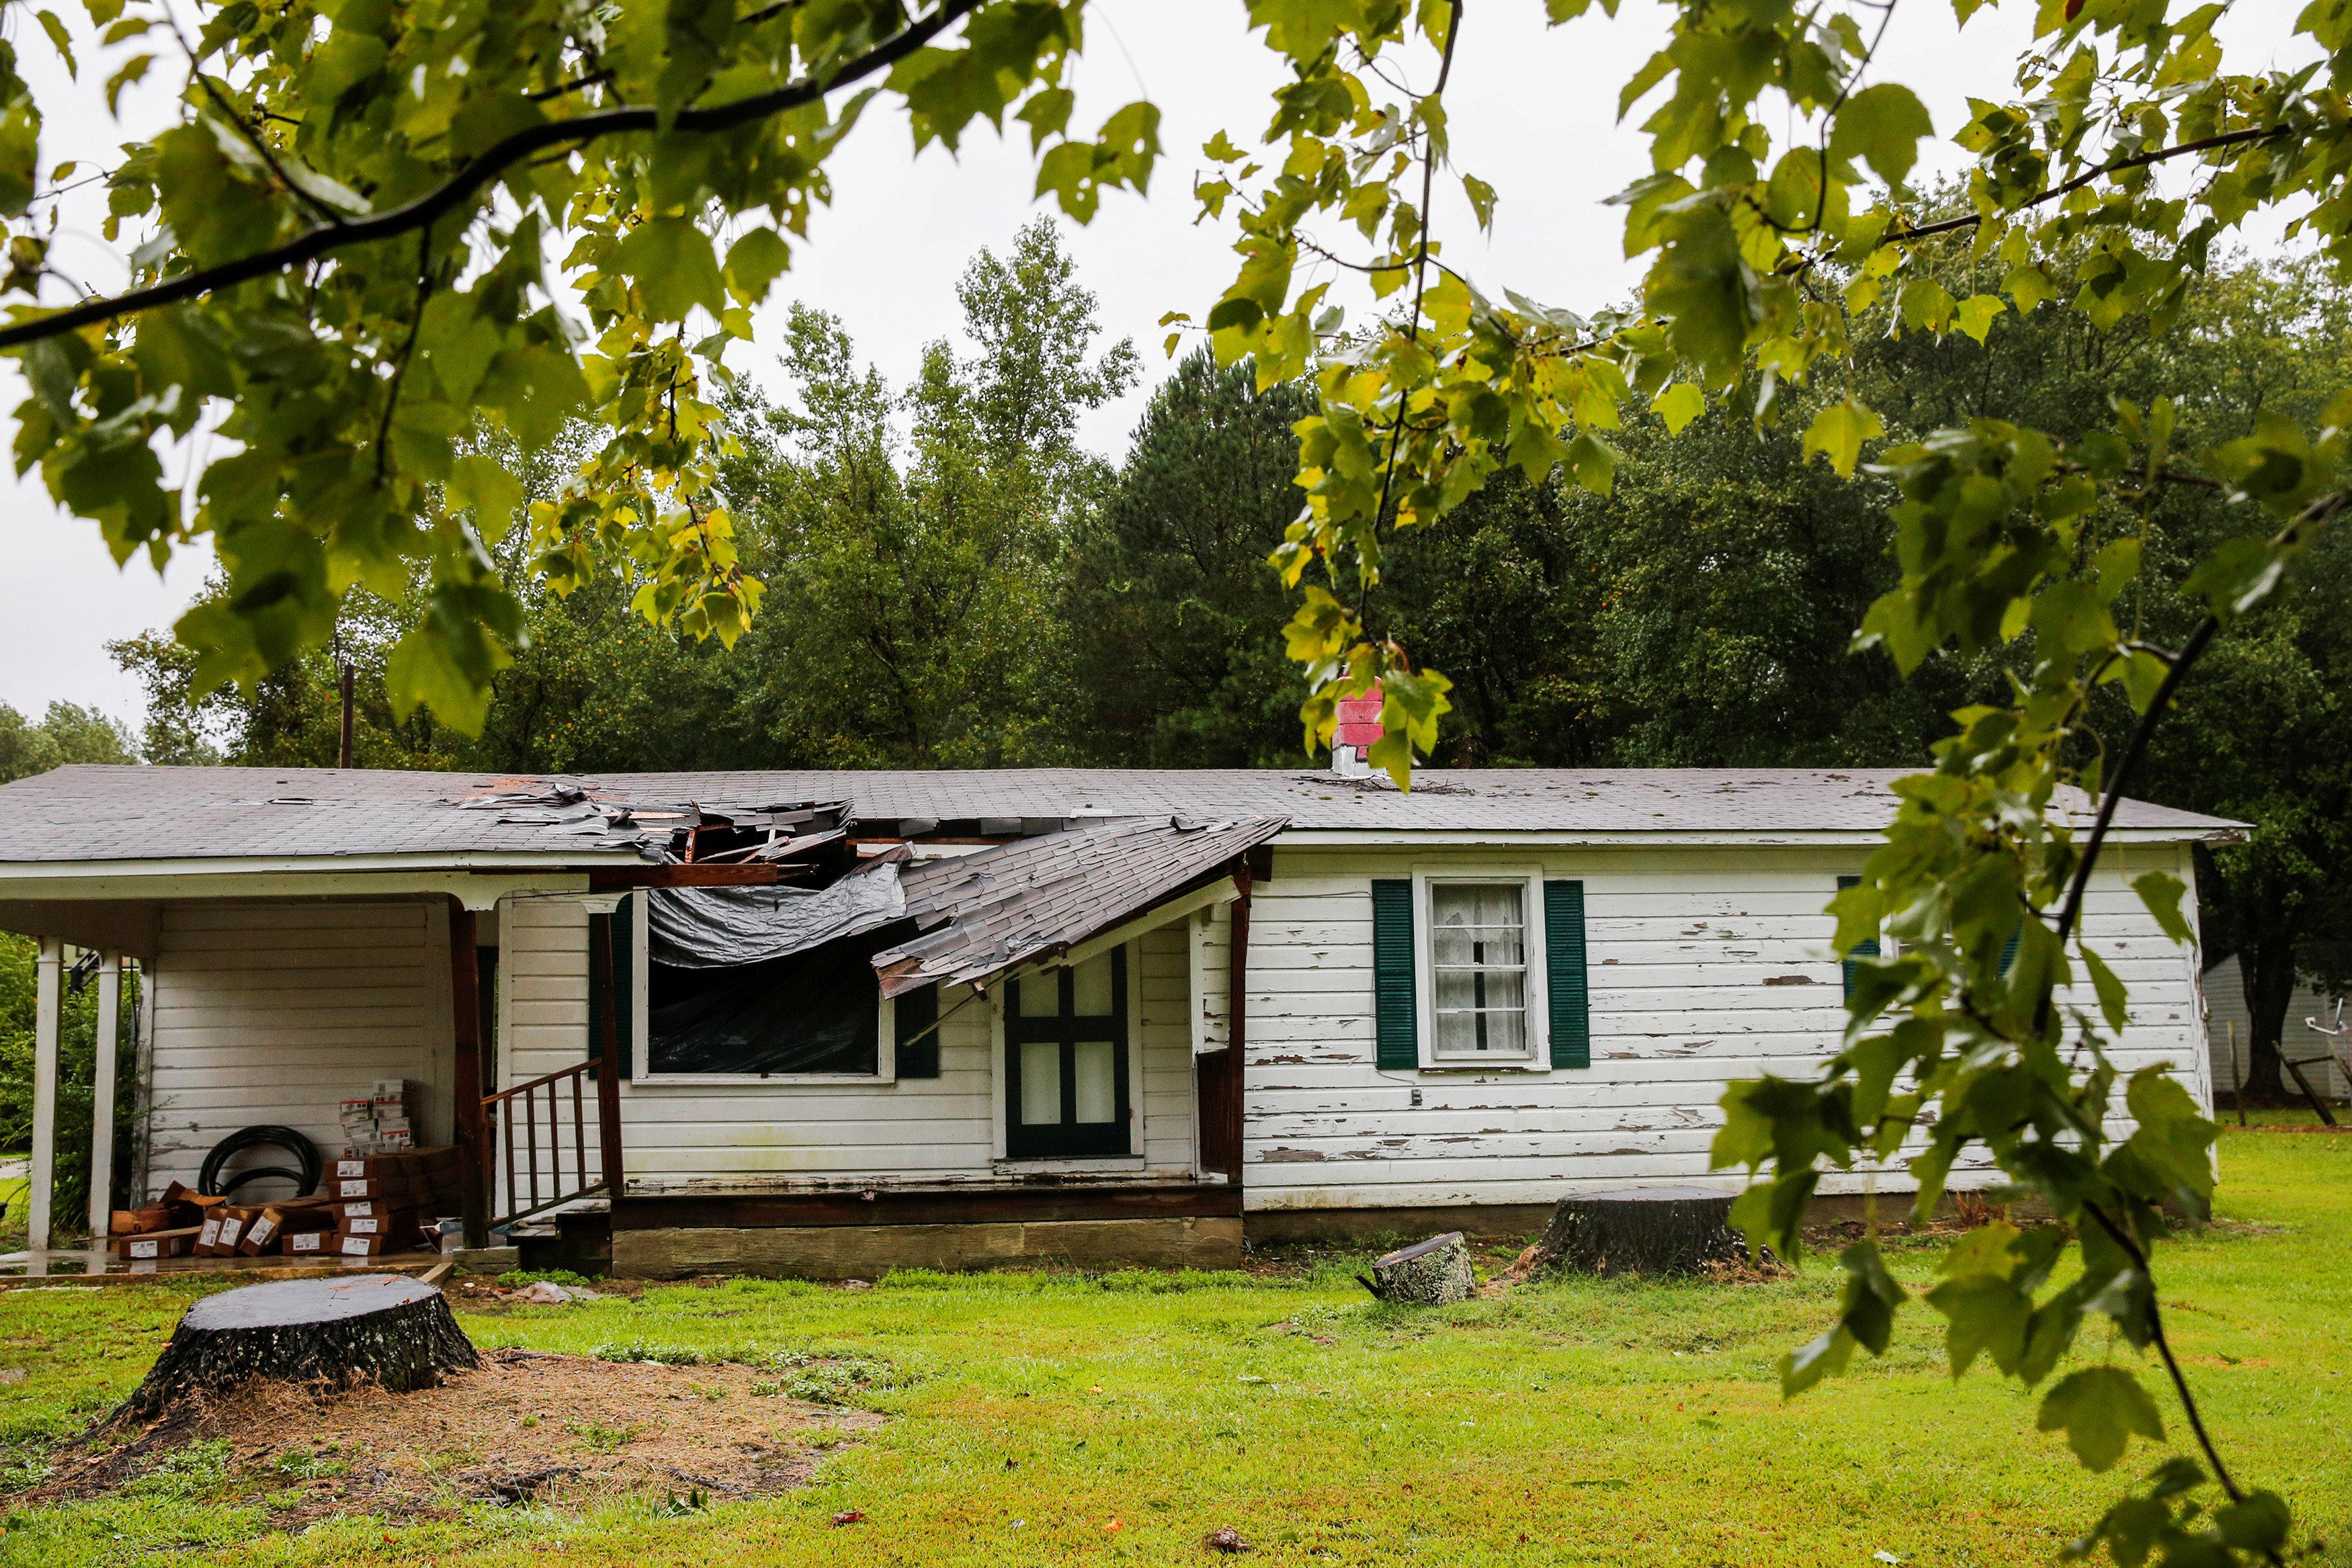 البيوت تحطمت من العواصف بسبب الإعصار